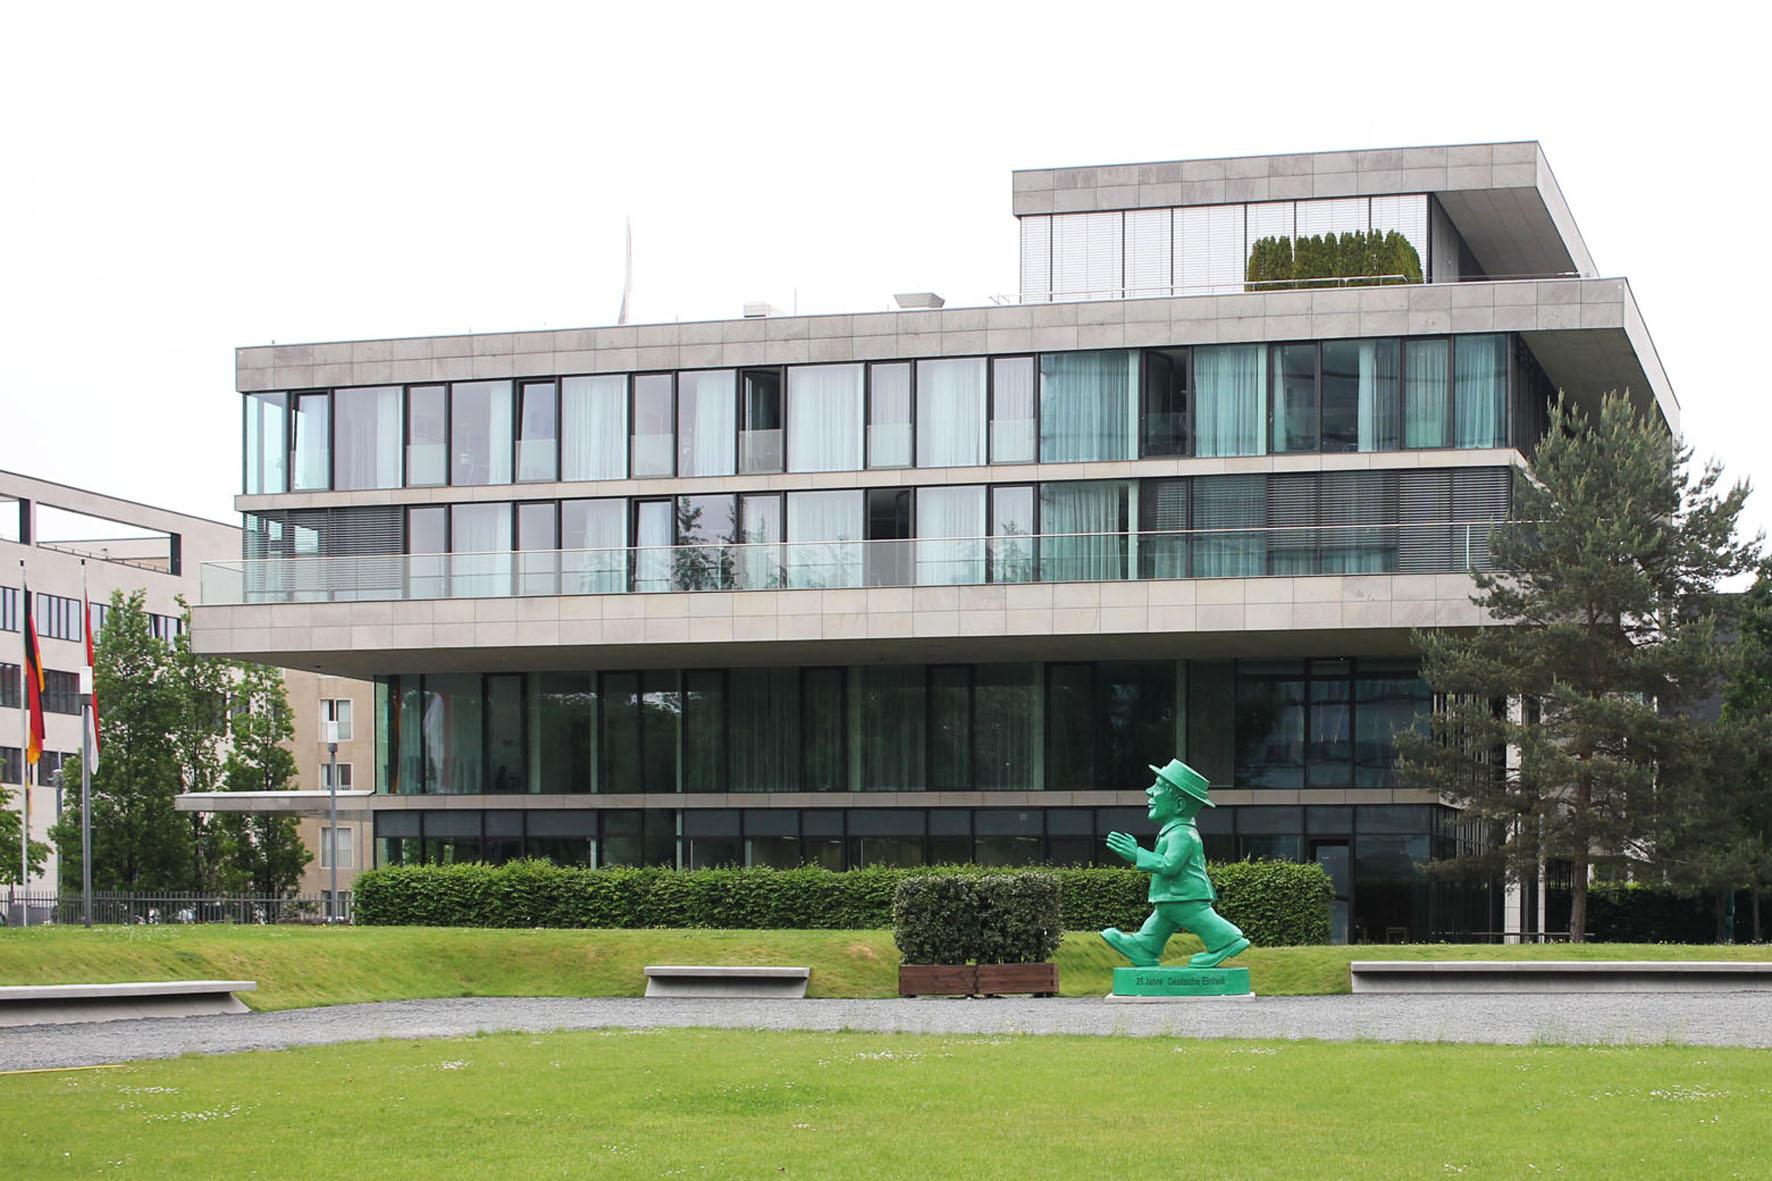 Die riesige Ampelmann Statue von Ottmar Hörl für das 25-jährige Jubiläum der deutschen Wiedervereinigung vor der Hessischen Landesvertretung in Berlin